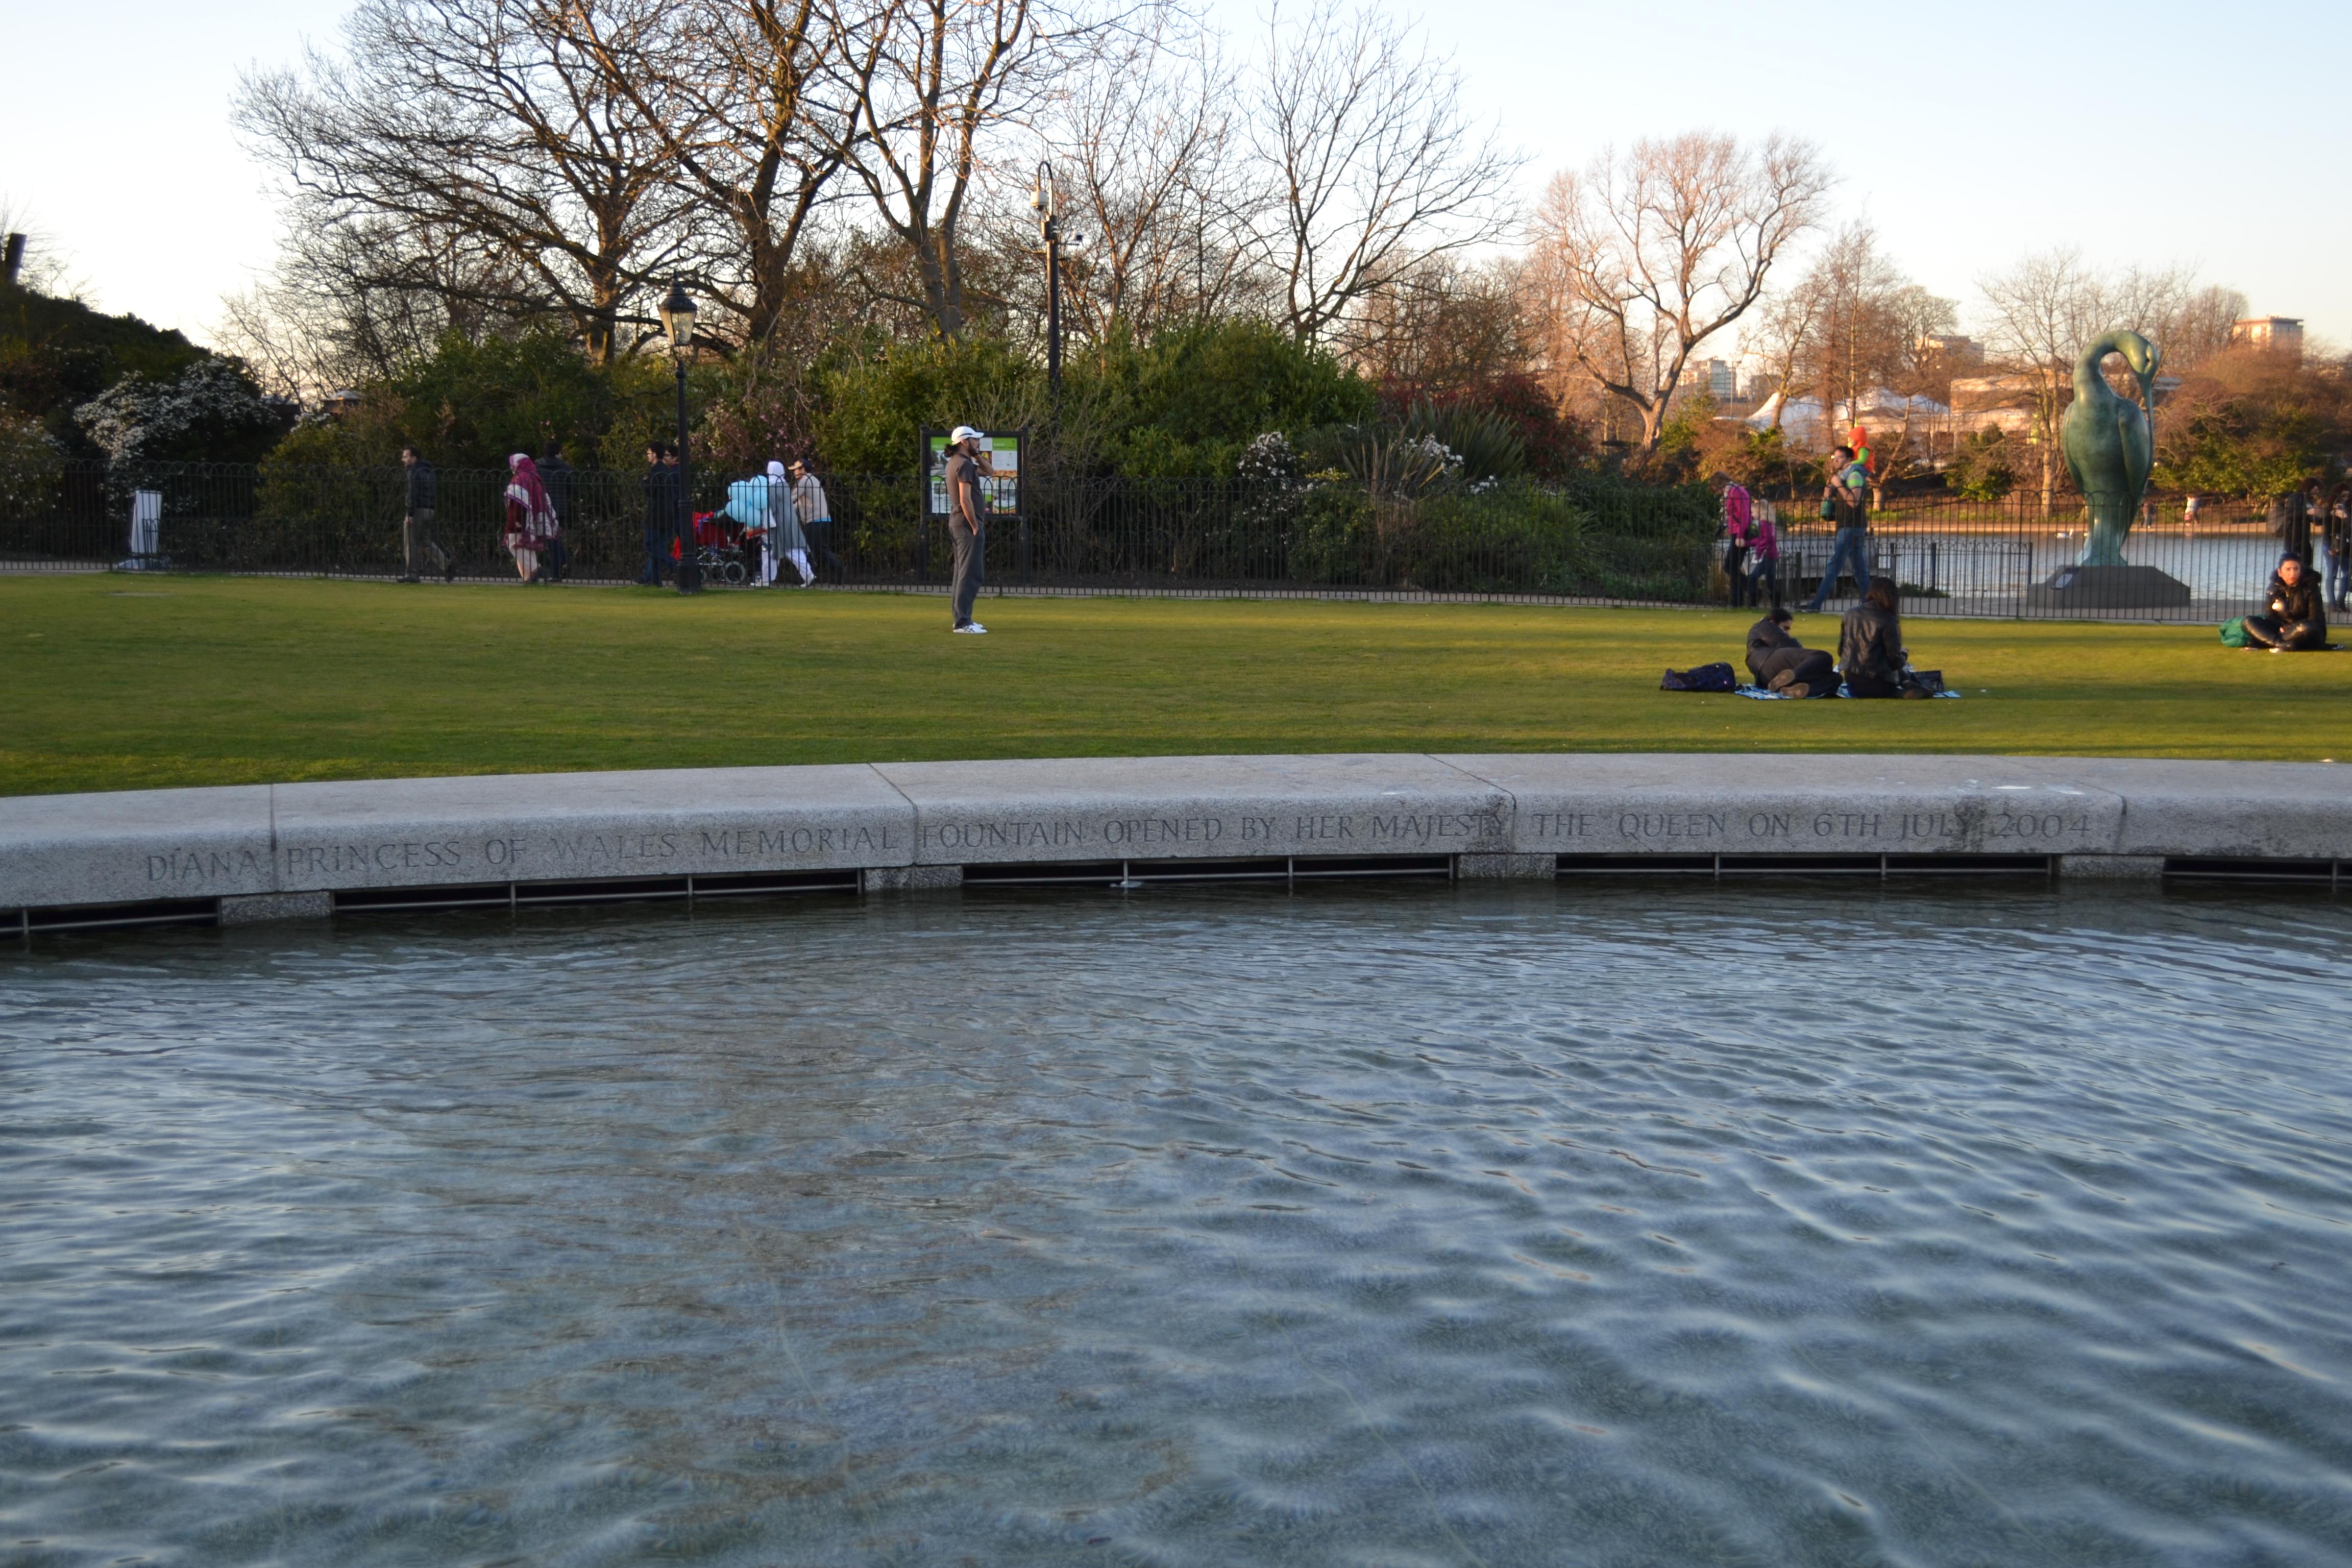 ההתרחשויות ולא האנדרטה העצמה הן המסר. אנדרטת הזיכרון לנסיכה דיאנה בהייד פארק, לונדון (צילום: כרמל חנני)